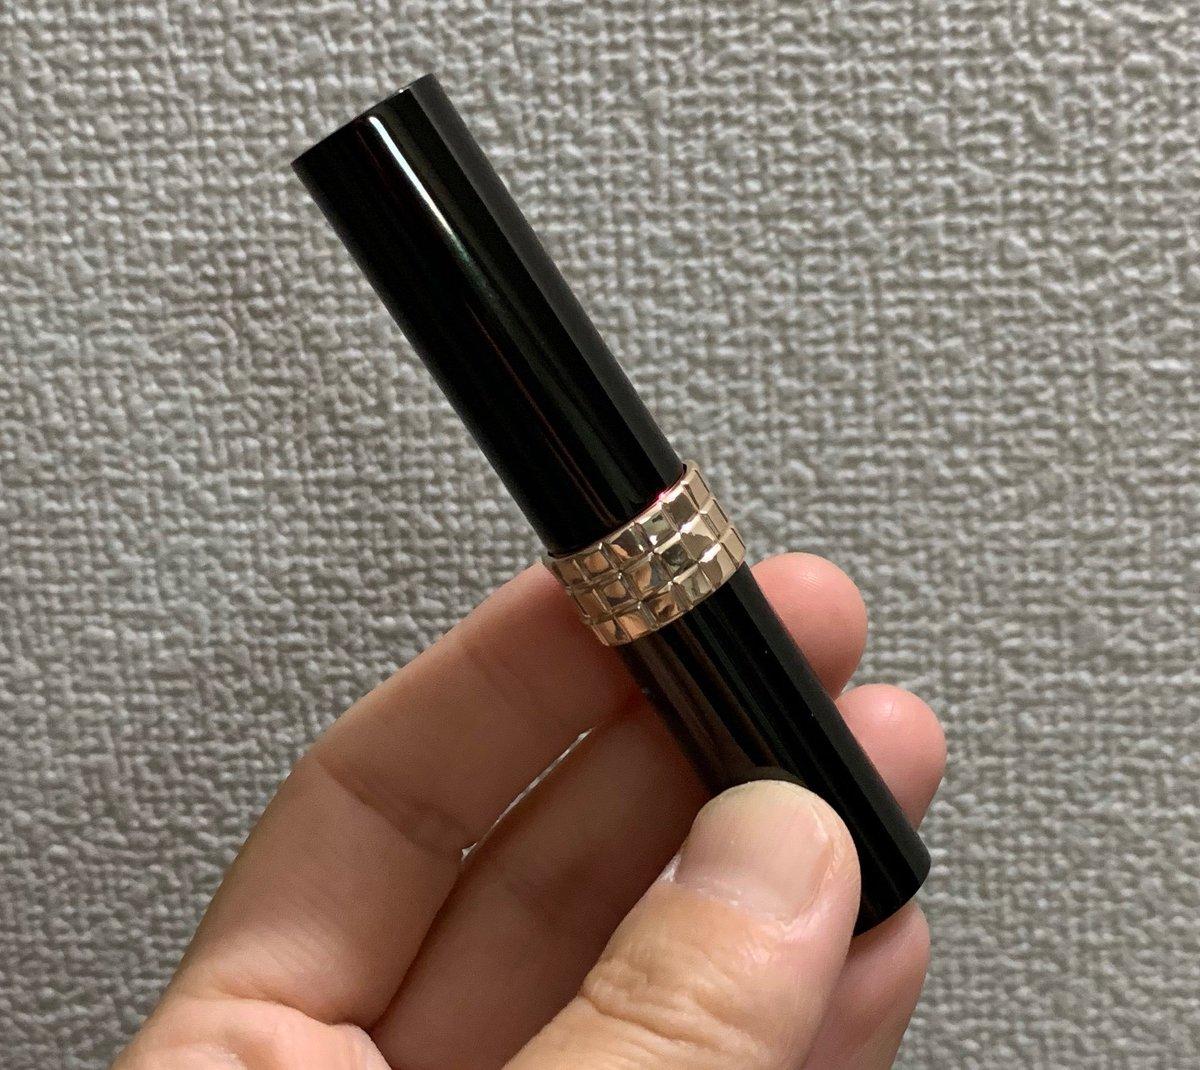 test ツイッターメディア - マキアージュ ドラマティックルージュN。10/21に発売。カラーはRD300です。スティックタイプのルージュ。塗ってみたら、浮いてないし、肌と色味がしっかりと合っていると感じました。艶も出てとても綺麗に発色!マキアージュのプロモーションに参加しています https://t.co/LYYvT932mi